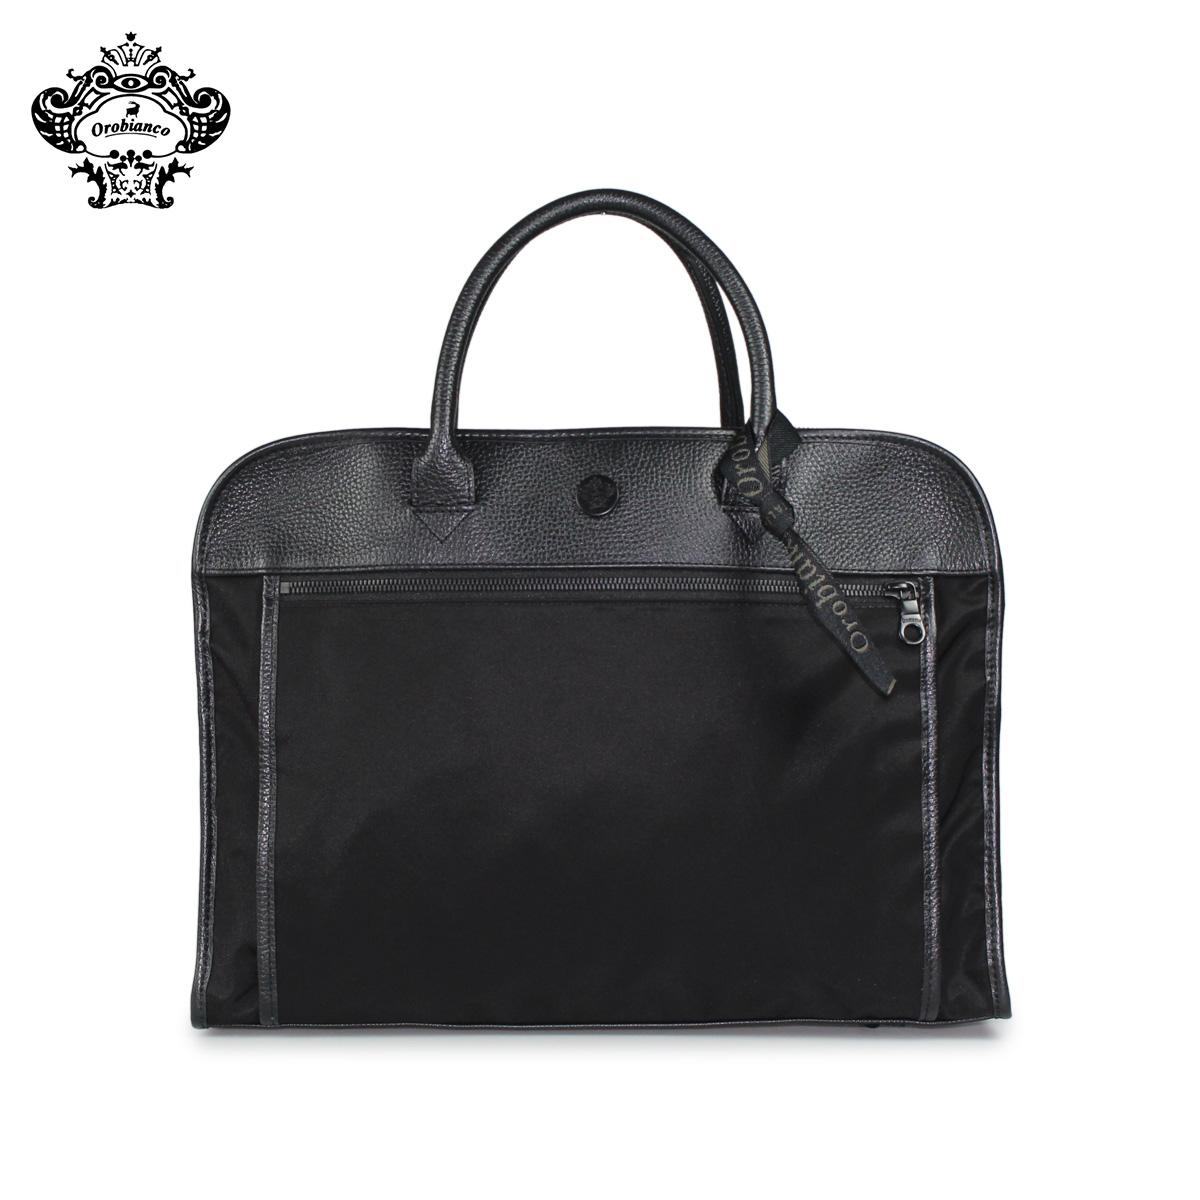 【最大2000円OFFクーポン】 オロビアンコ Orobianco バッグ ショルダーバッグ ビジネスバッグ ブリーフケース メンズ SENZAREGOLA-F 01 ALL BLACK ブラック 黒 92132